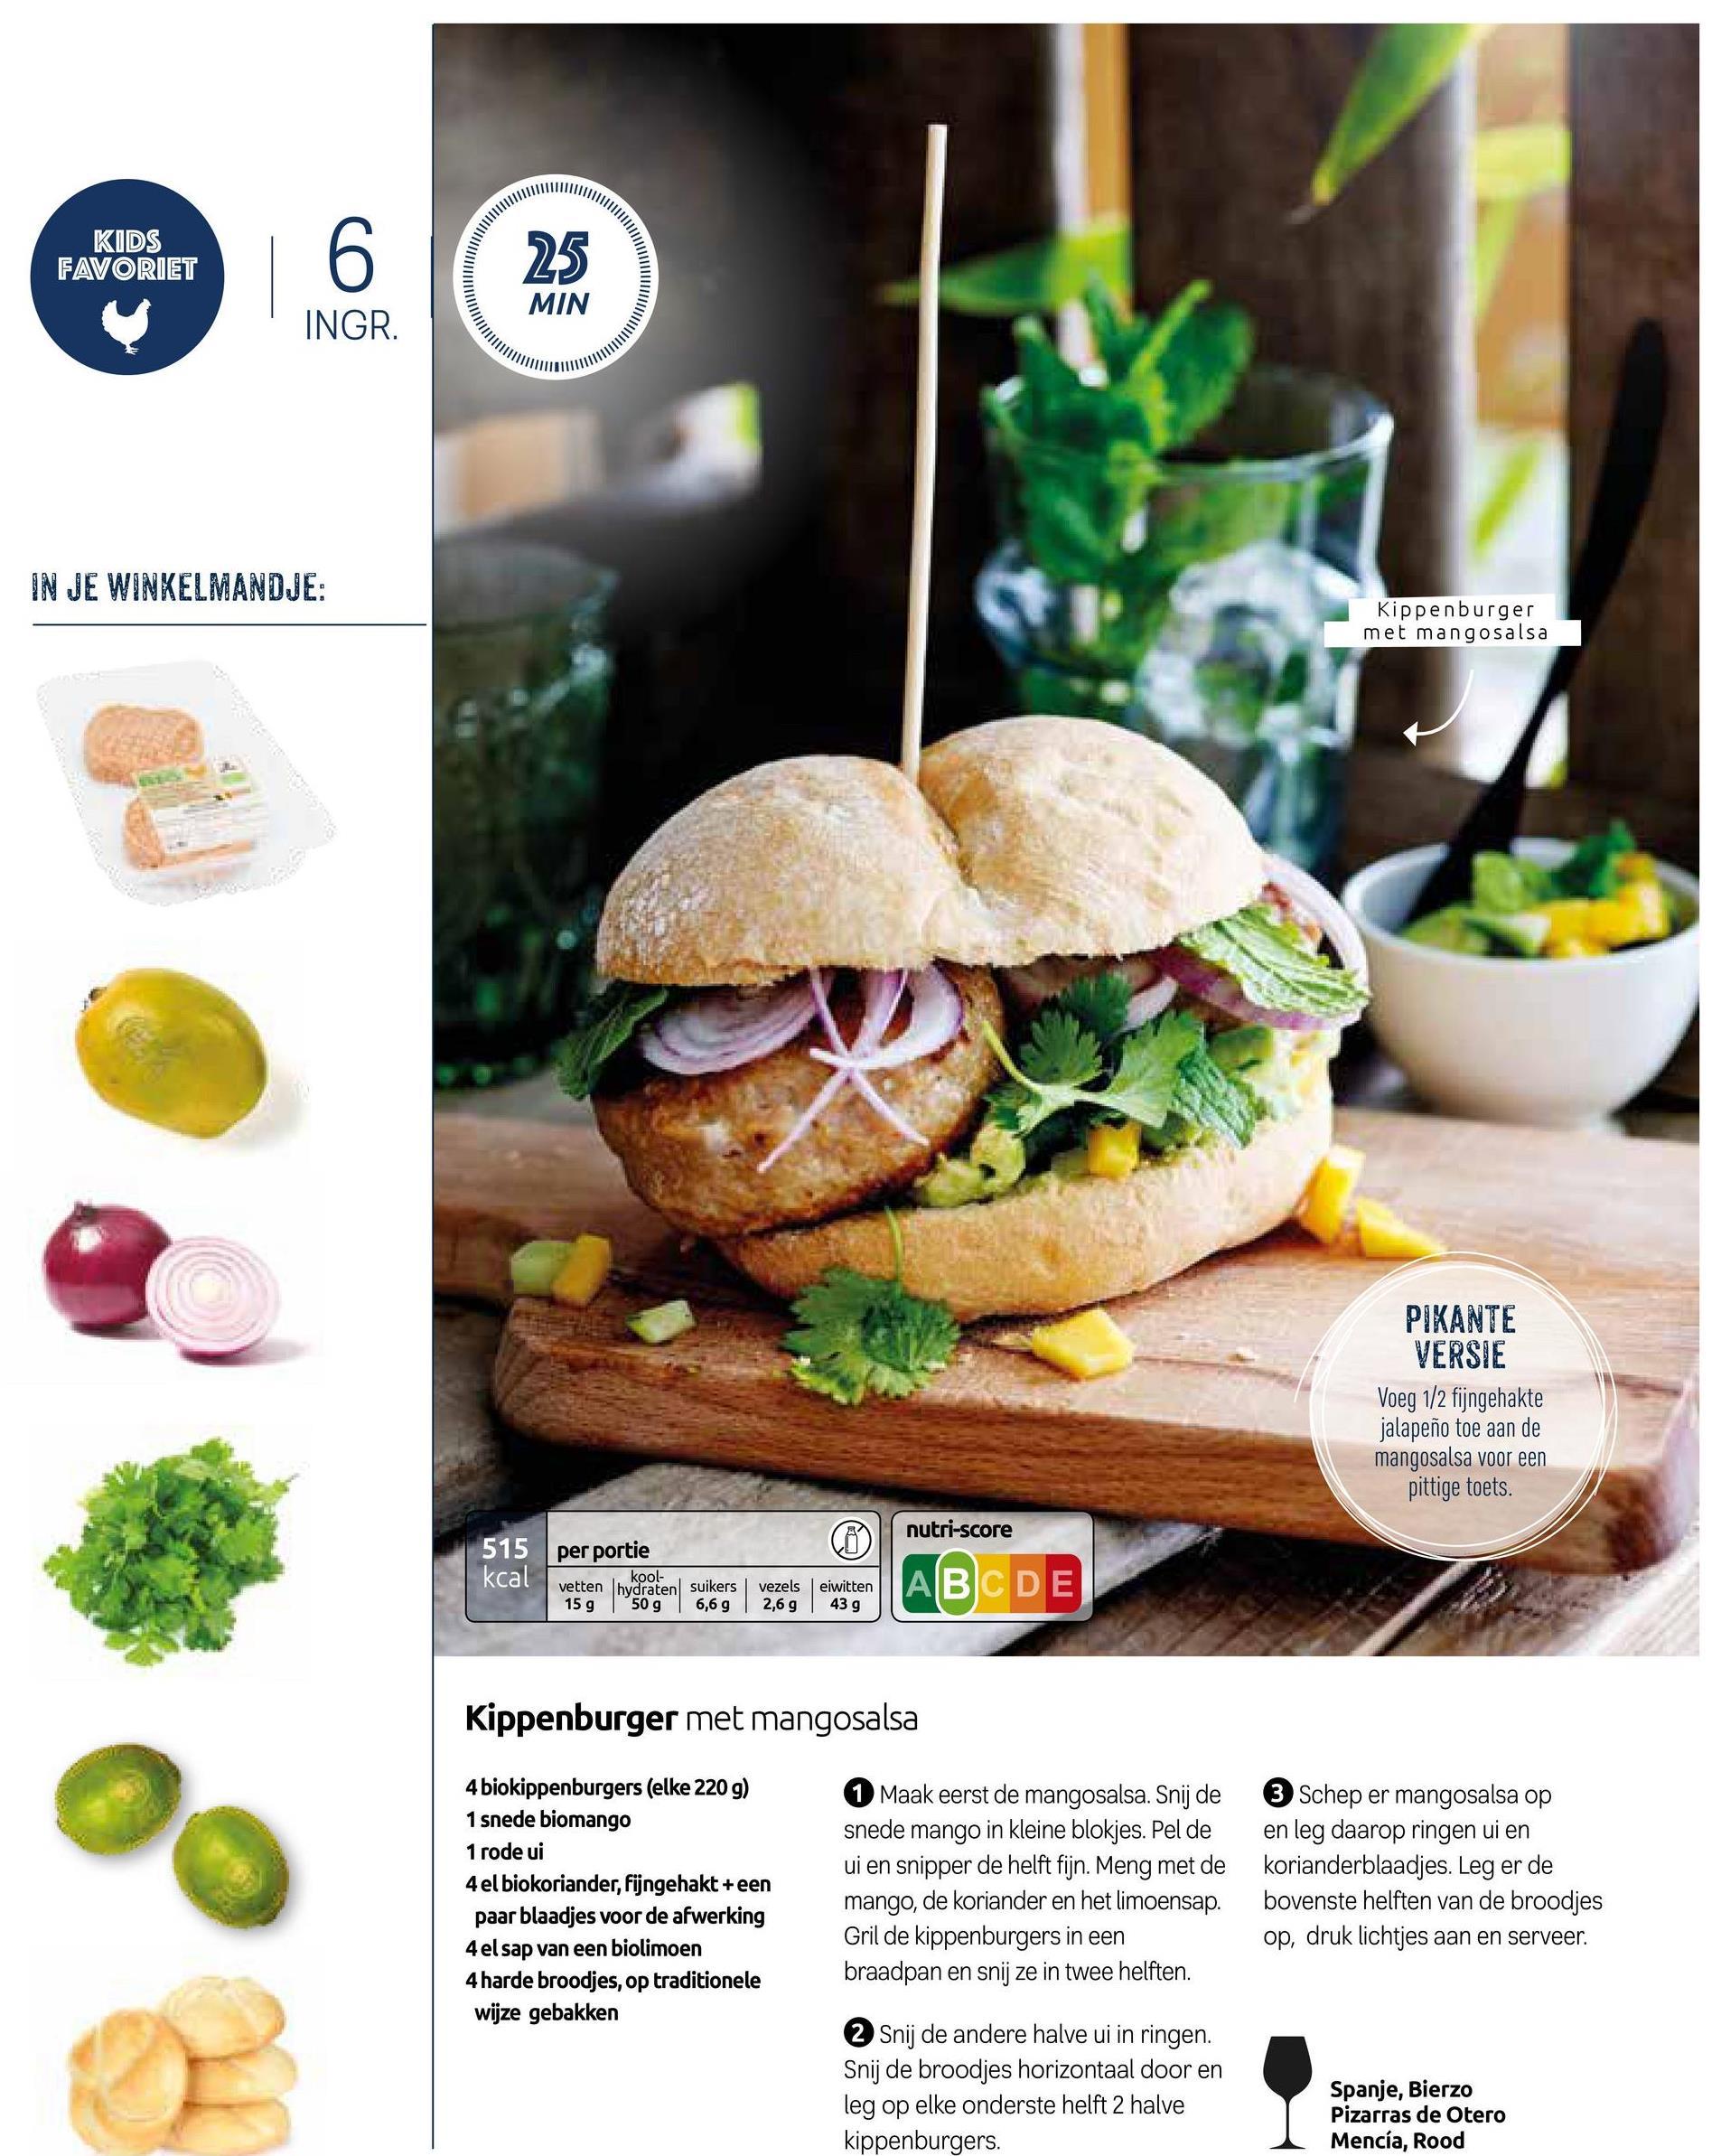 KIDS FAVORIET INGR. mm ||\ IN JE WINKELMANDJE: Kippenburger met mangosalsa PIKANTE VERSIE Voeg 1/2 fijngehakte jalapeño toe aan de mangosalsa voor een pittige toets. nutri-score per portie kcal vetten hydraten suikers 15 g 50 g 6,6 g vezels 2,6 g eiwitten 43 g Kippenburger met mangosalsa 4 biokippenburgers (elke 220 g) 1 snede biomango 1 rode ui 4 el biokoriander, fijngehakt +een paar blaadjes voor de afwerking 4 el sap van een biolimoen 4 harde broodjes, op traditionele wijze gebakken 1 Maak eerst de mangosalsa. Snij de snede mango in kleine blokjes. Pel de ui en snipper de helft fijn. Meng met de mango, de koriander en het limoensap. Gril de kippenburgers in een braadpan en snij ze in twee helften. 3 Schep er mangosalsa op en leg daarop ringen ui en korianderblaadjes. Leg er de bovenste helften van de broodjes op, druk lichtjes aan en serveer. 2 Snij de andere halve ui in ringen. Snij de broodjes horizontaal door en leg op elke onderste helft 2 halve kippenburgers. Spanje, Bierzo Pizarras de Otero Mencía, Rood